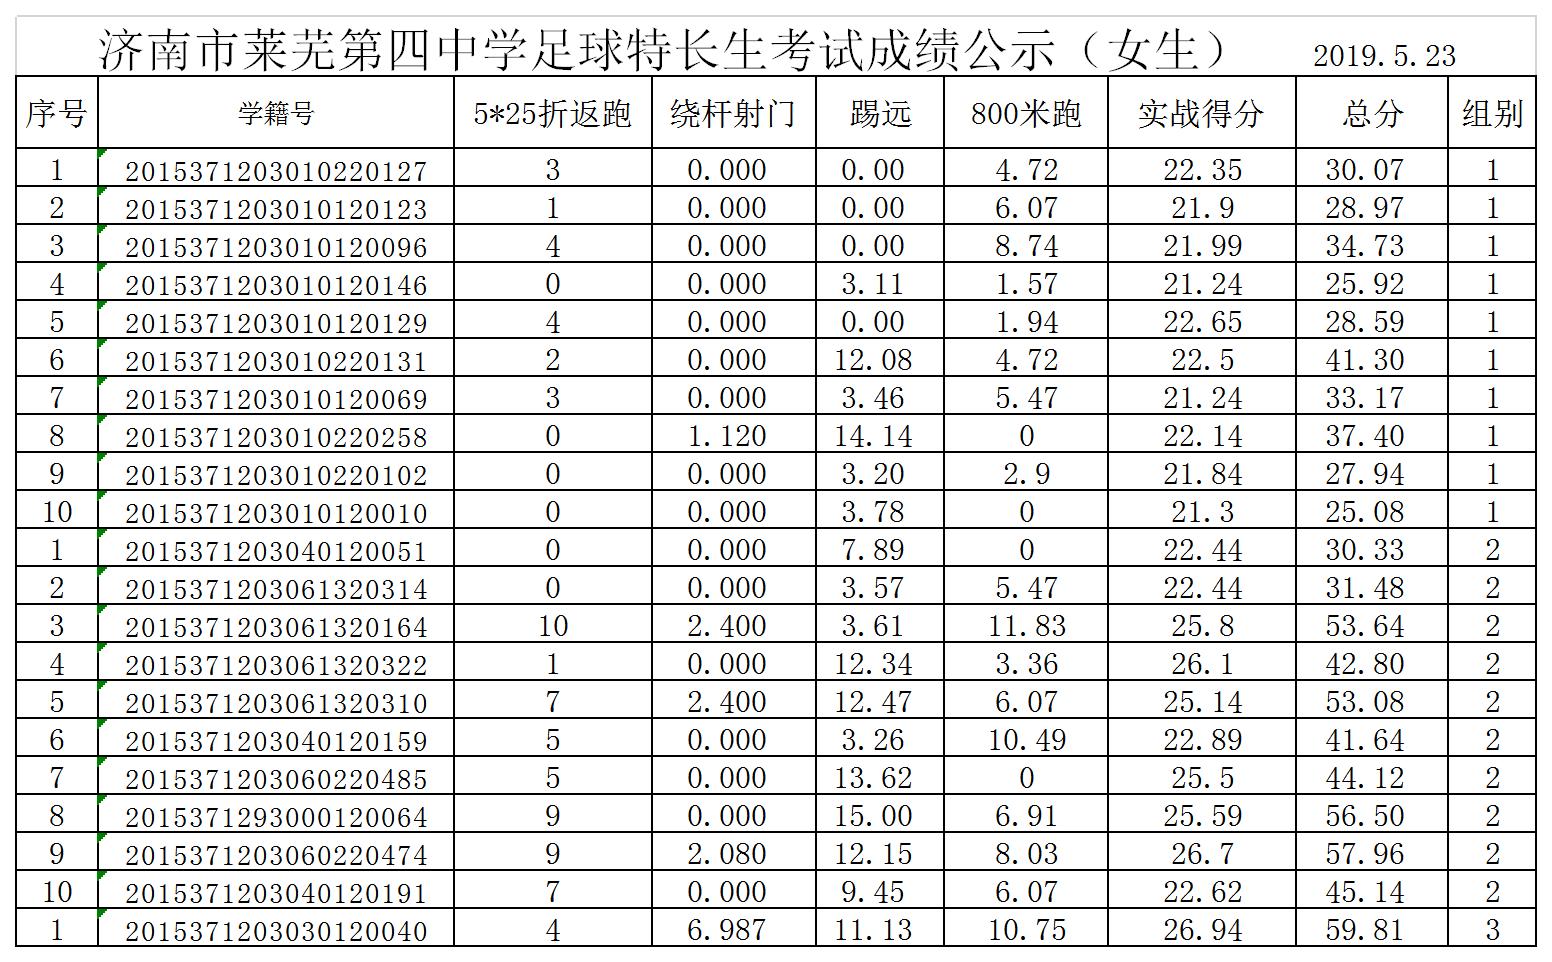 成绩公shi-足球--女莱芜si中足球特长生成绩公shi0523